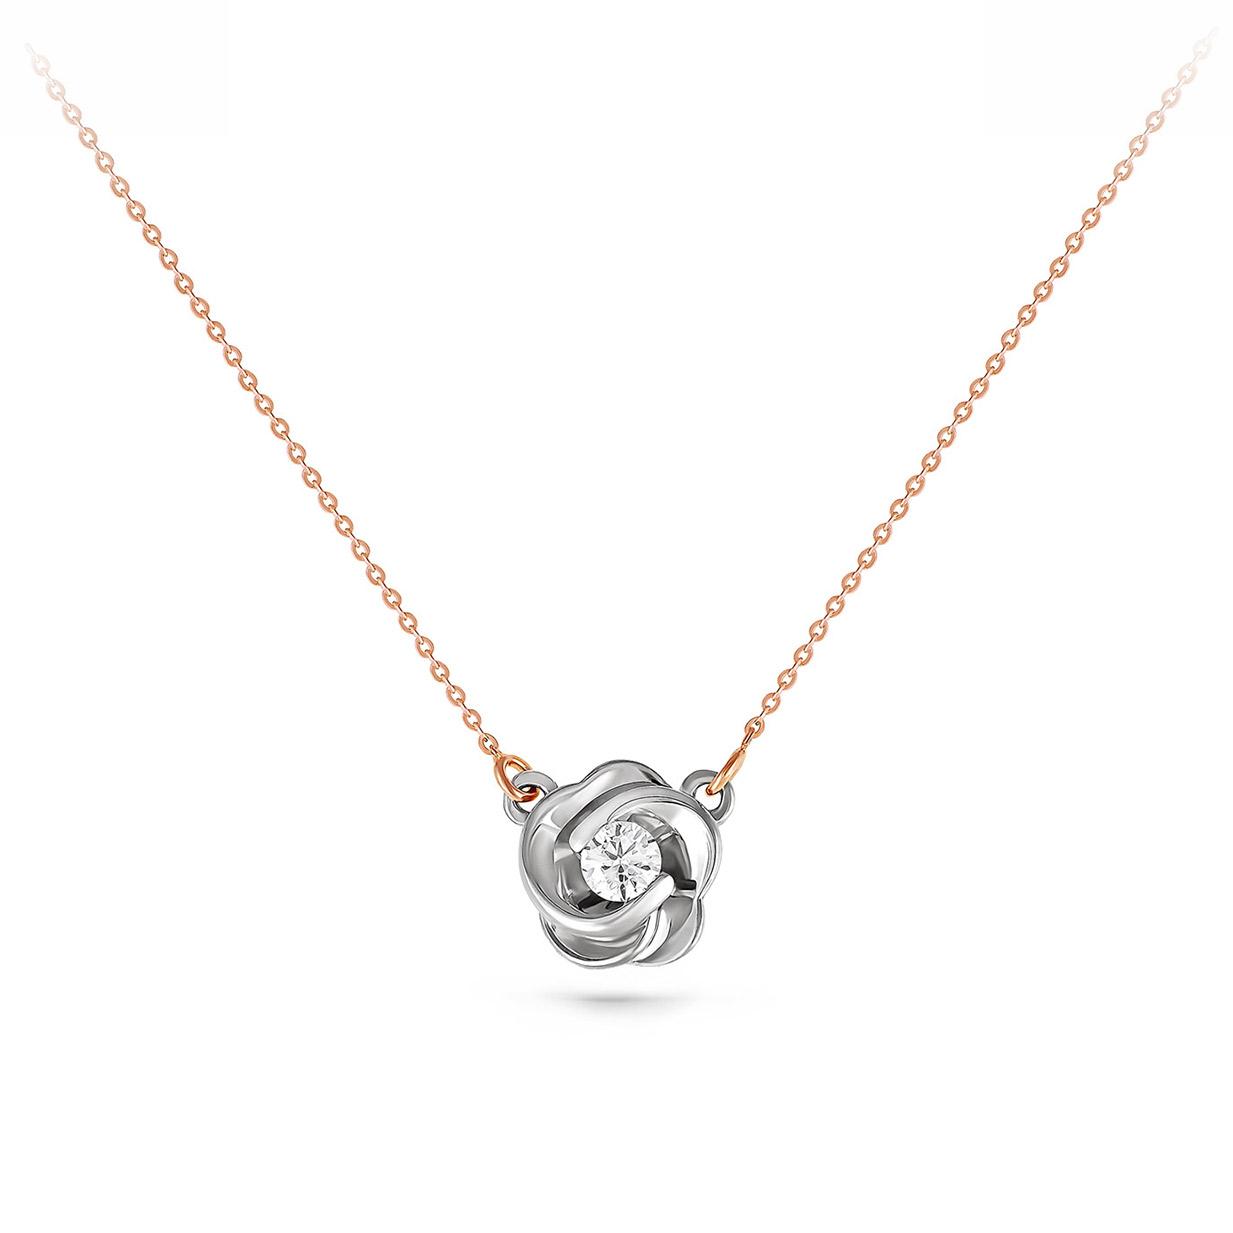 Колье из белого золота с бриллиантом арт. 16-0887-1000 16-0887-1000